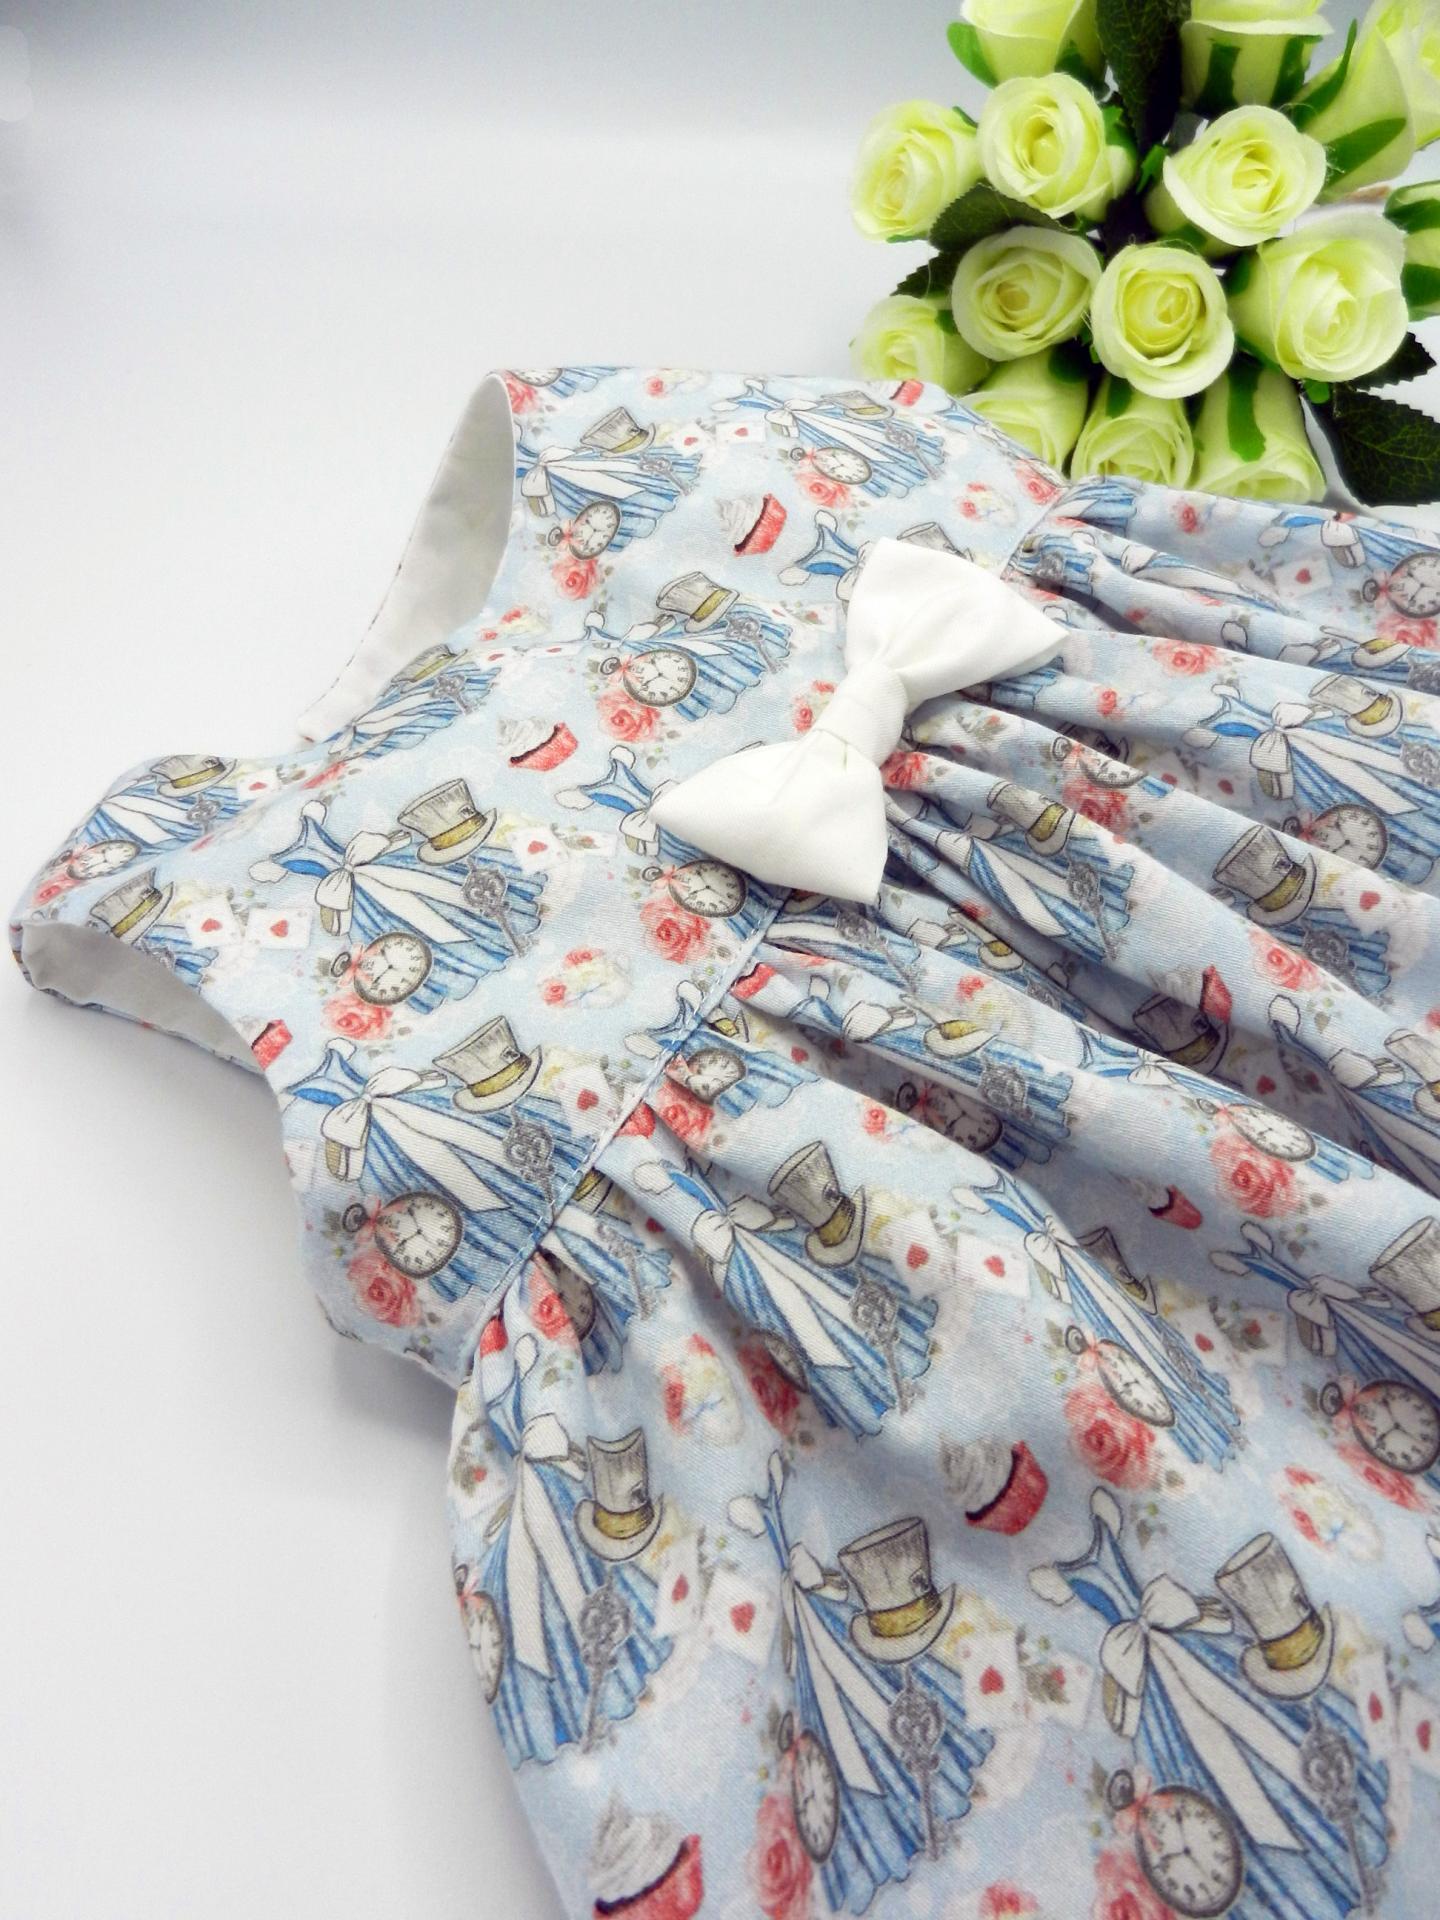 Duchesse or ange doa 308b robe sans manches merveilles bleues noeud blanc sur le devant b